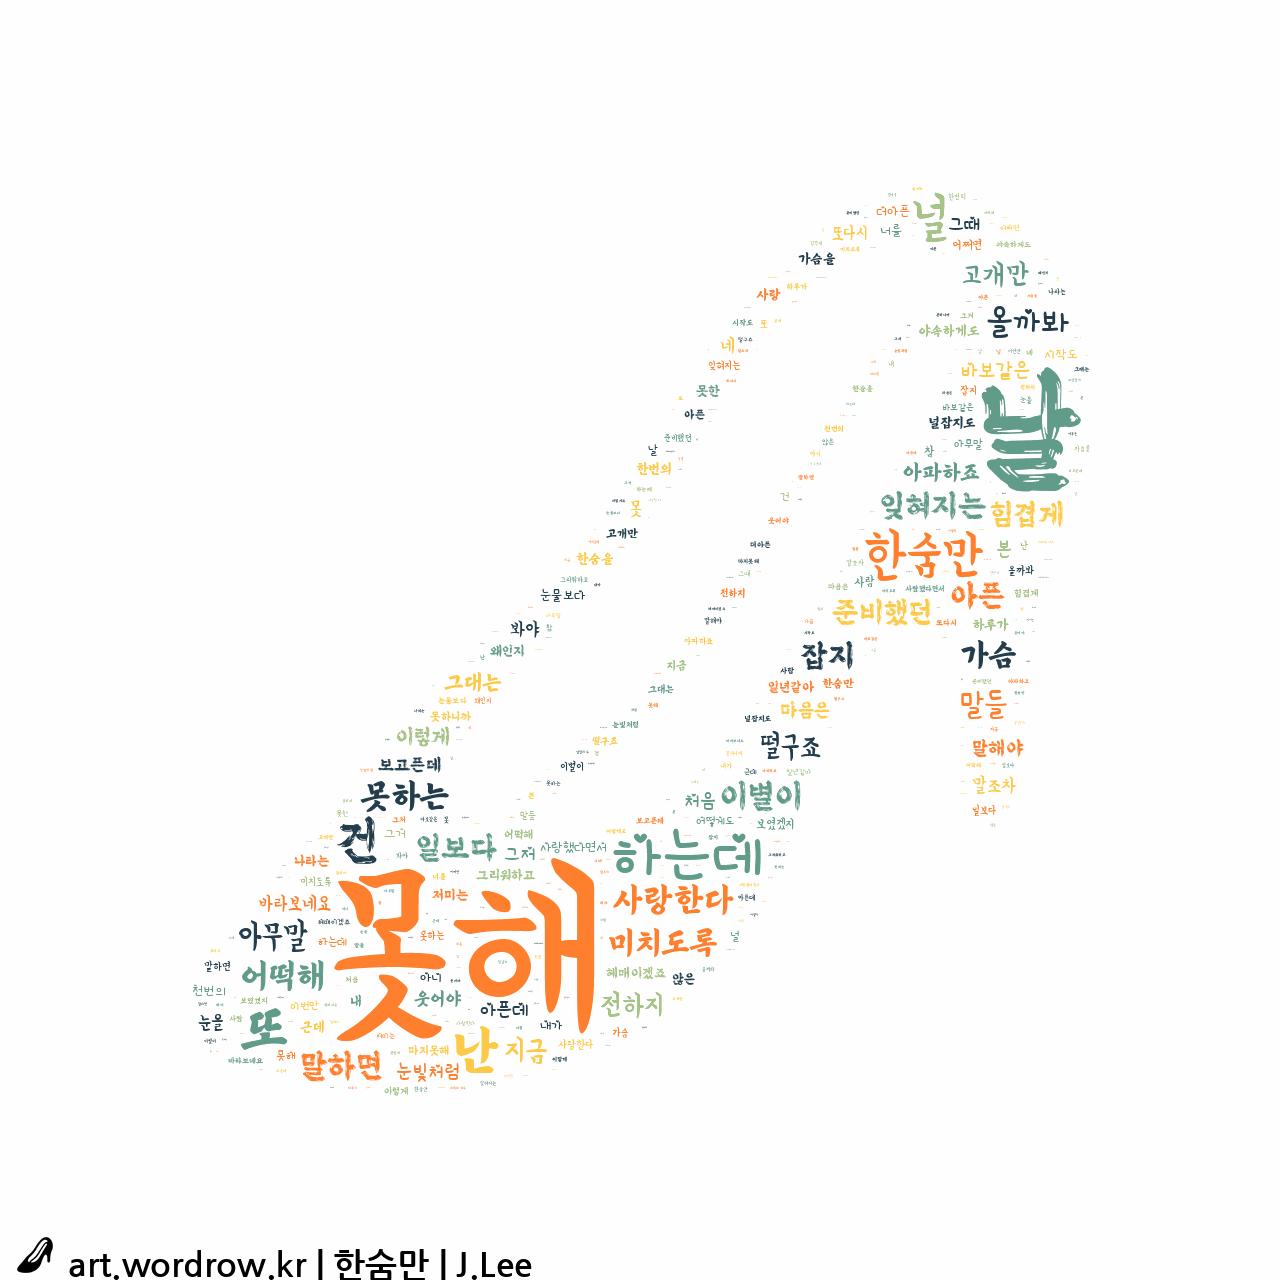 워드 클라우드: 한숨만 [J.Lee]-33